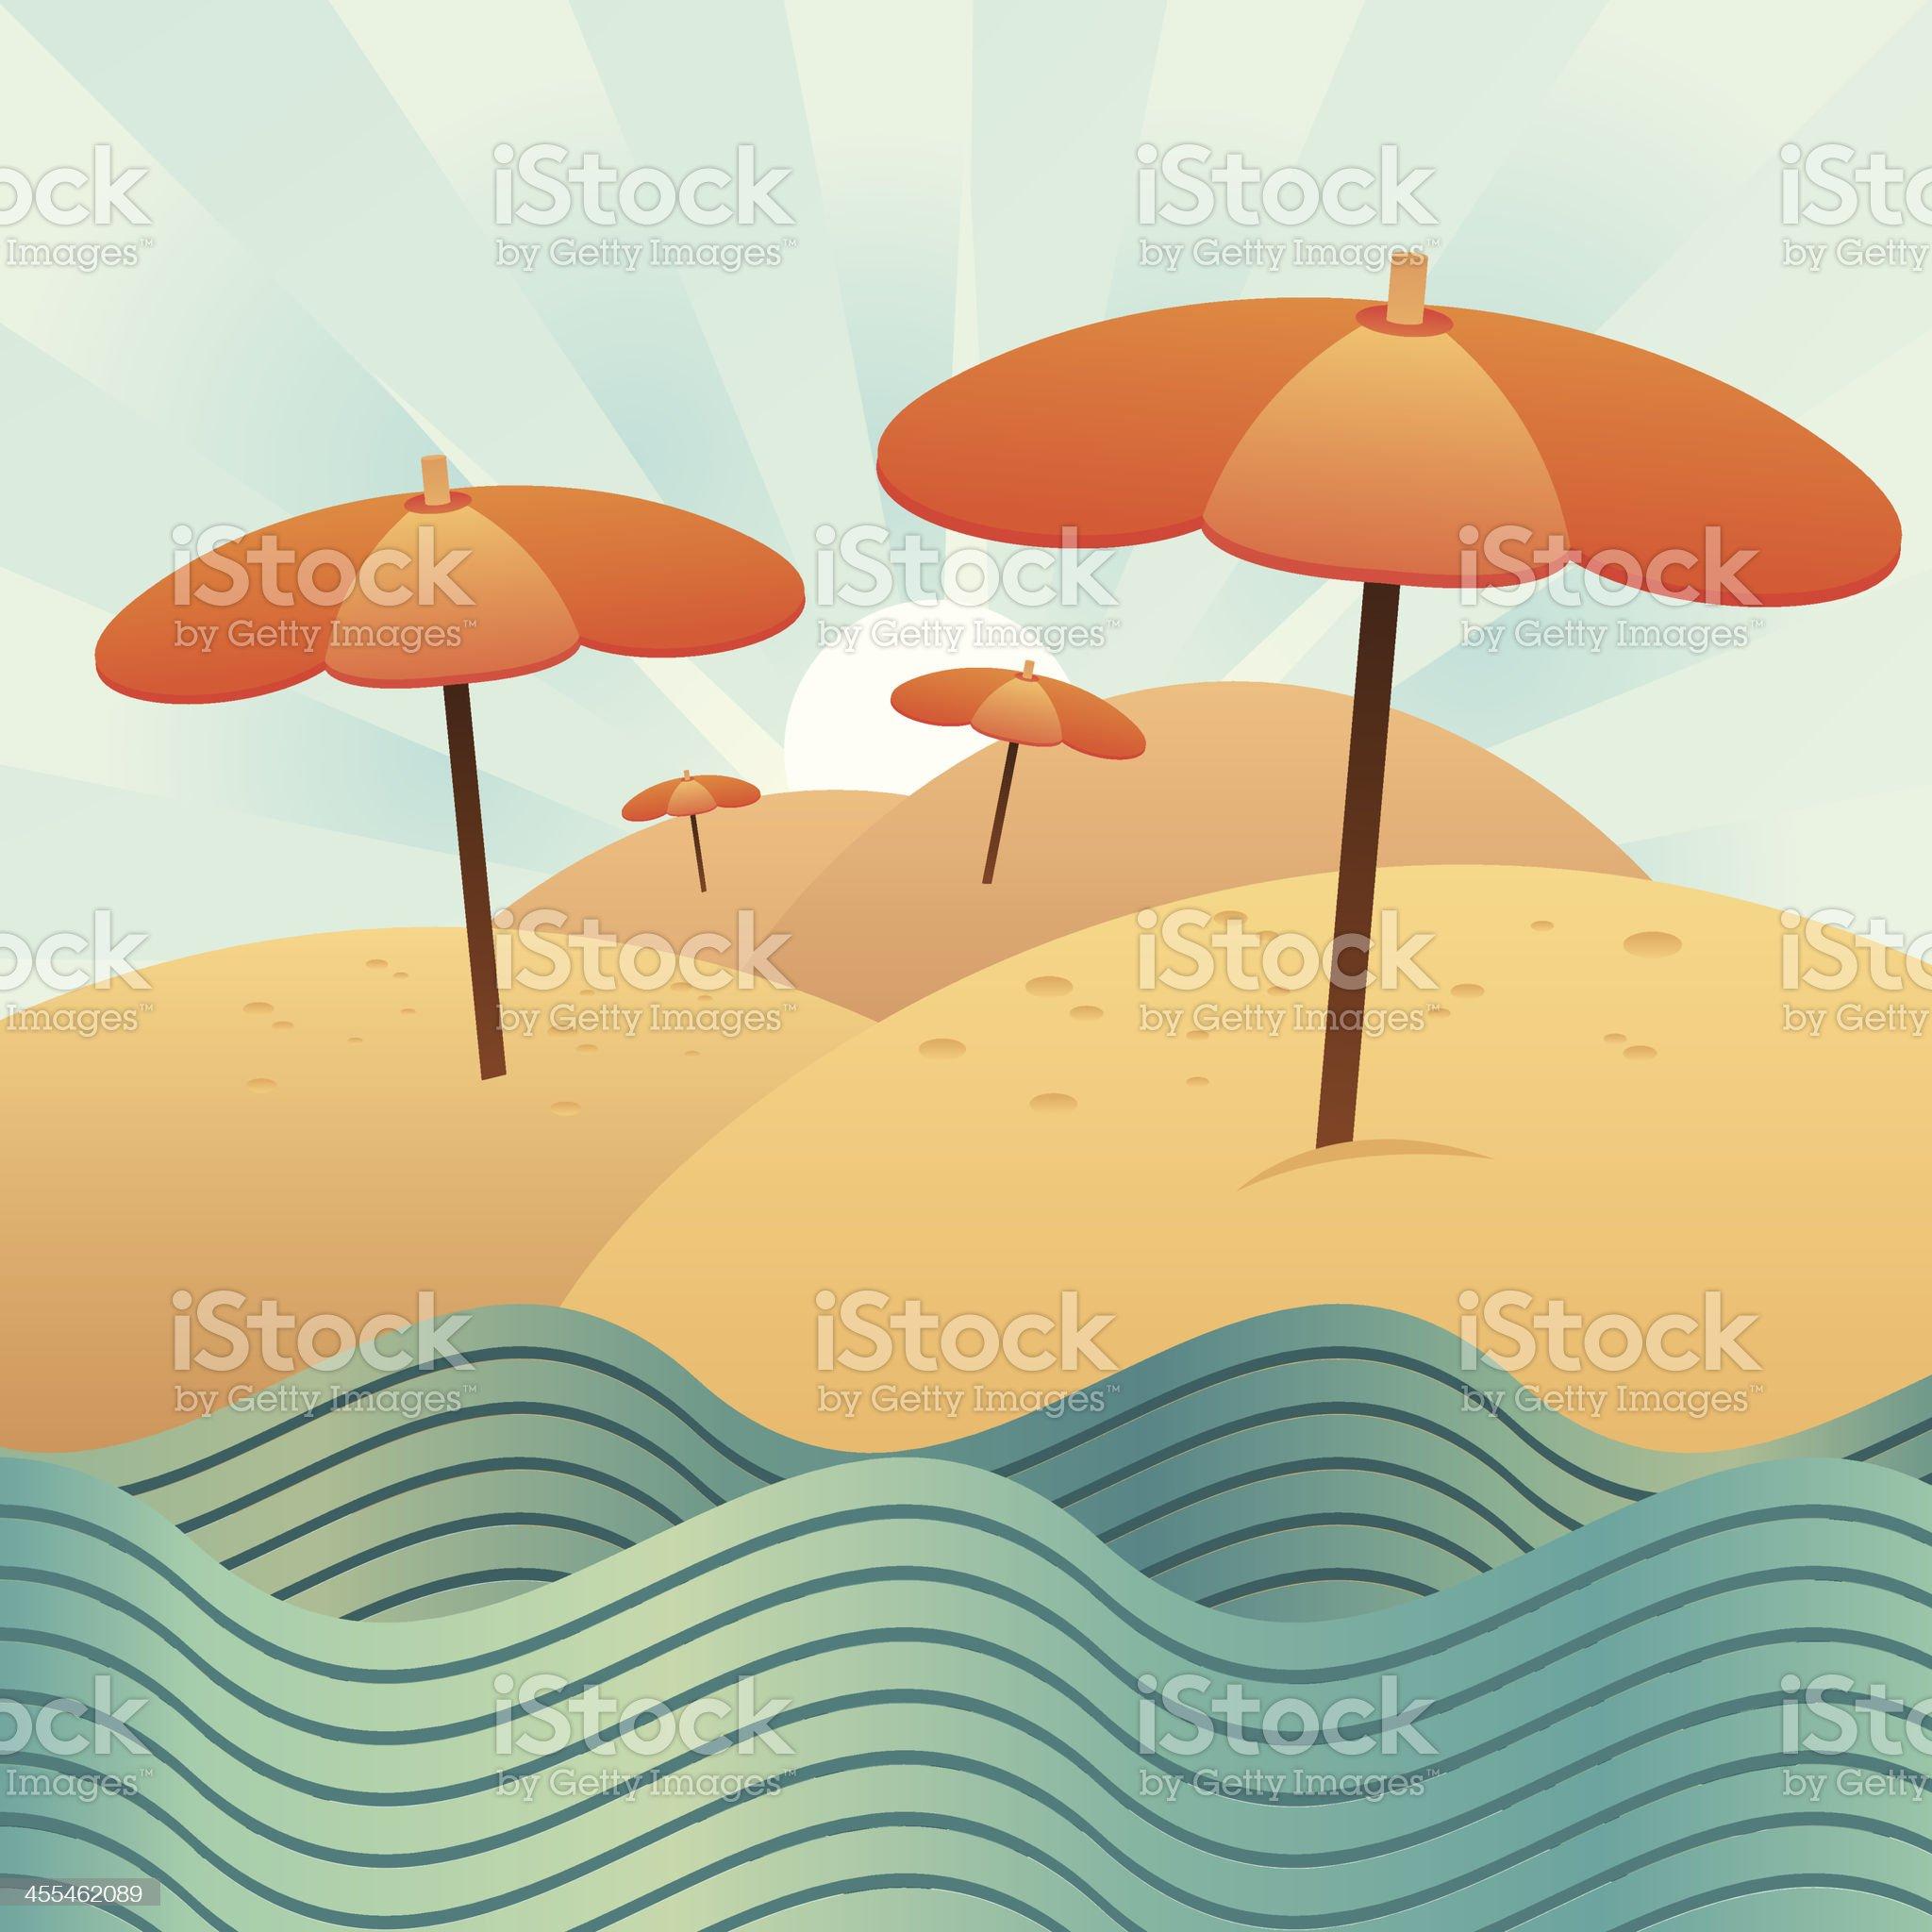 Summer Umbrellas royalty-free stock vector art